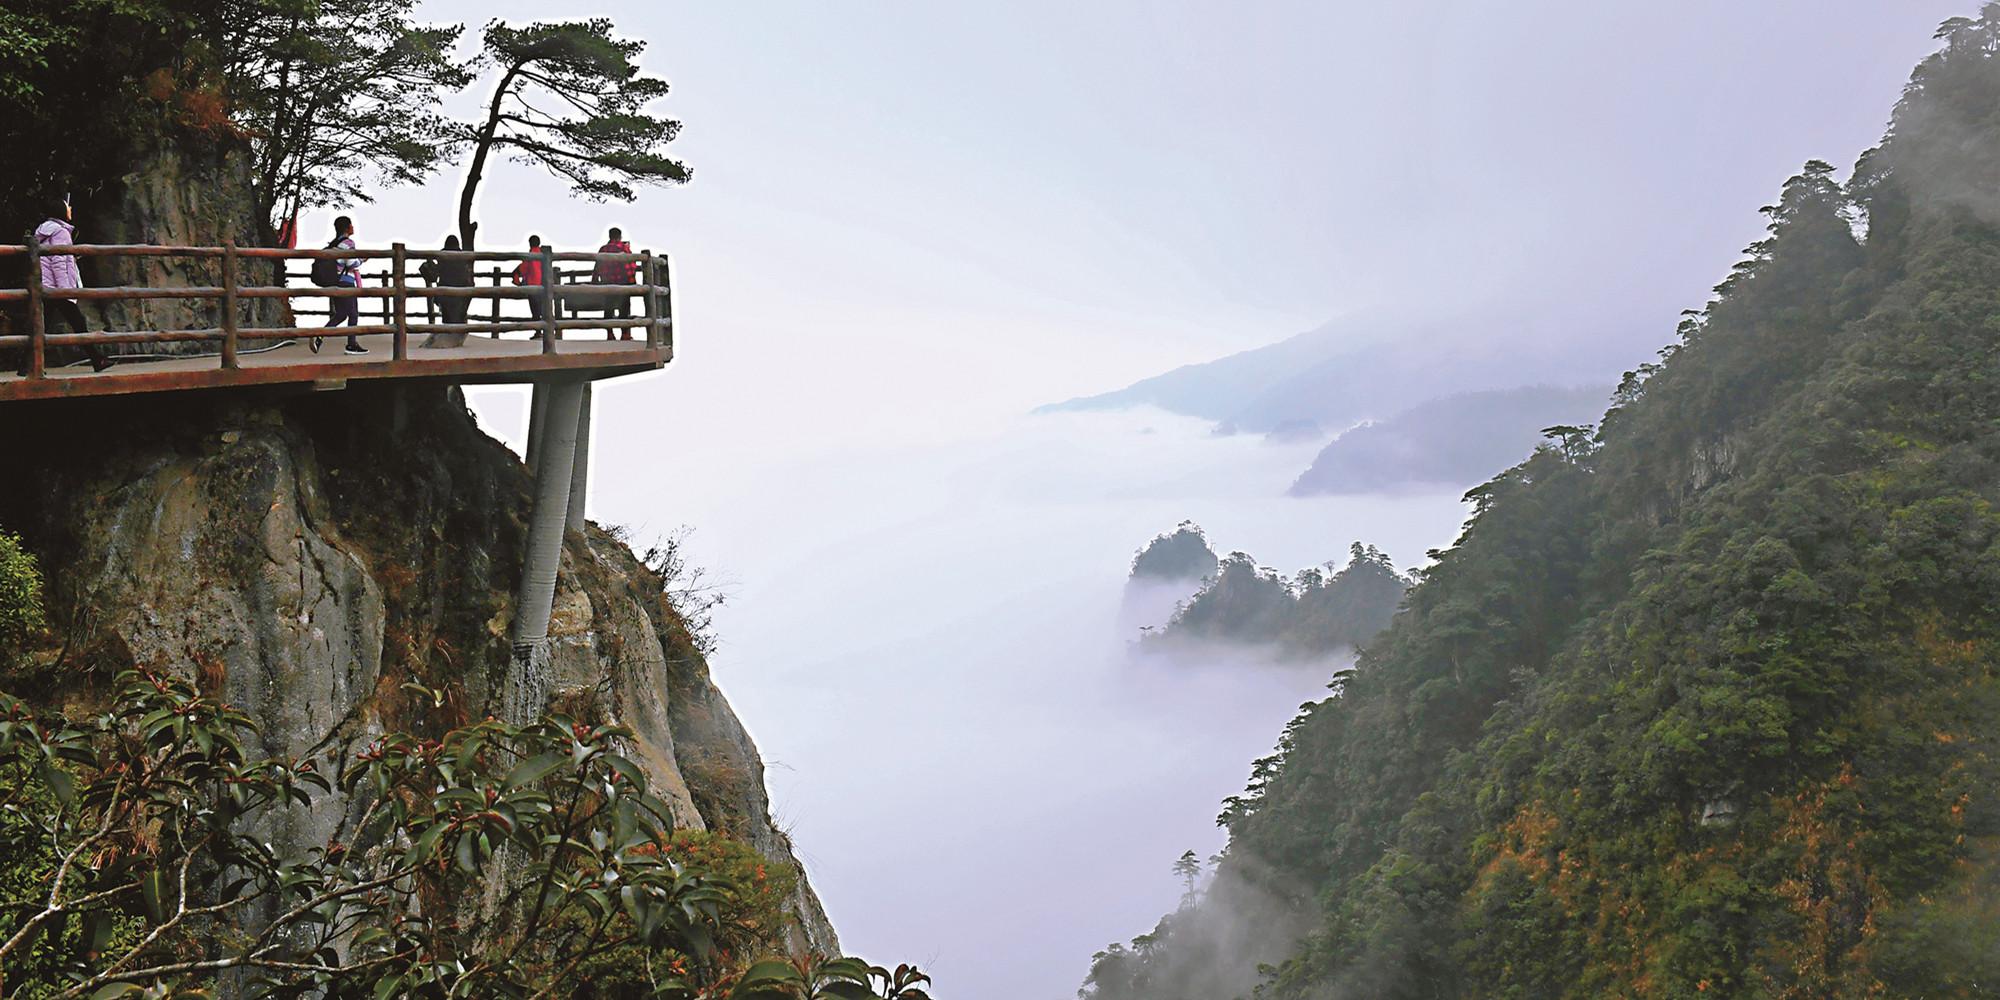 云雾缭绕五指峰